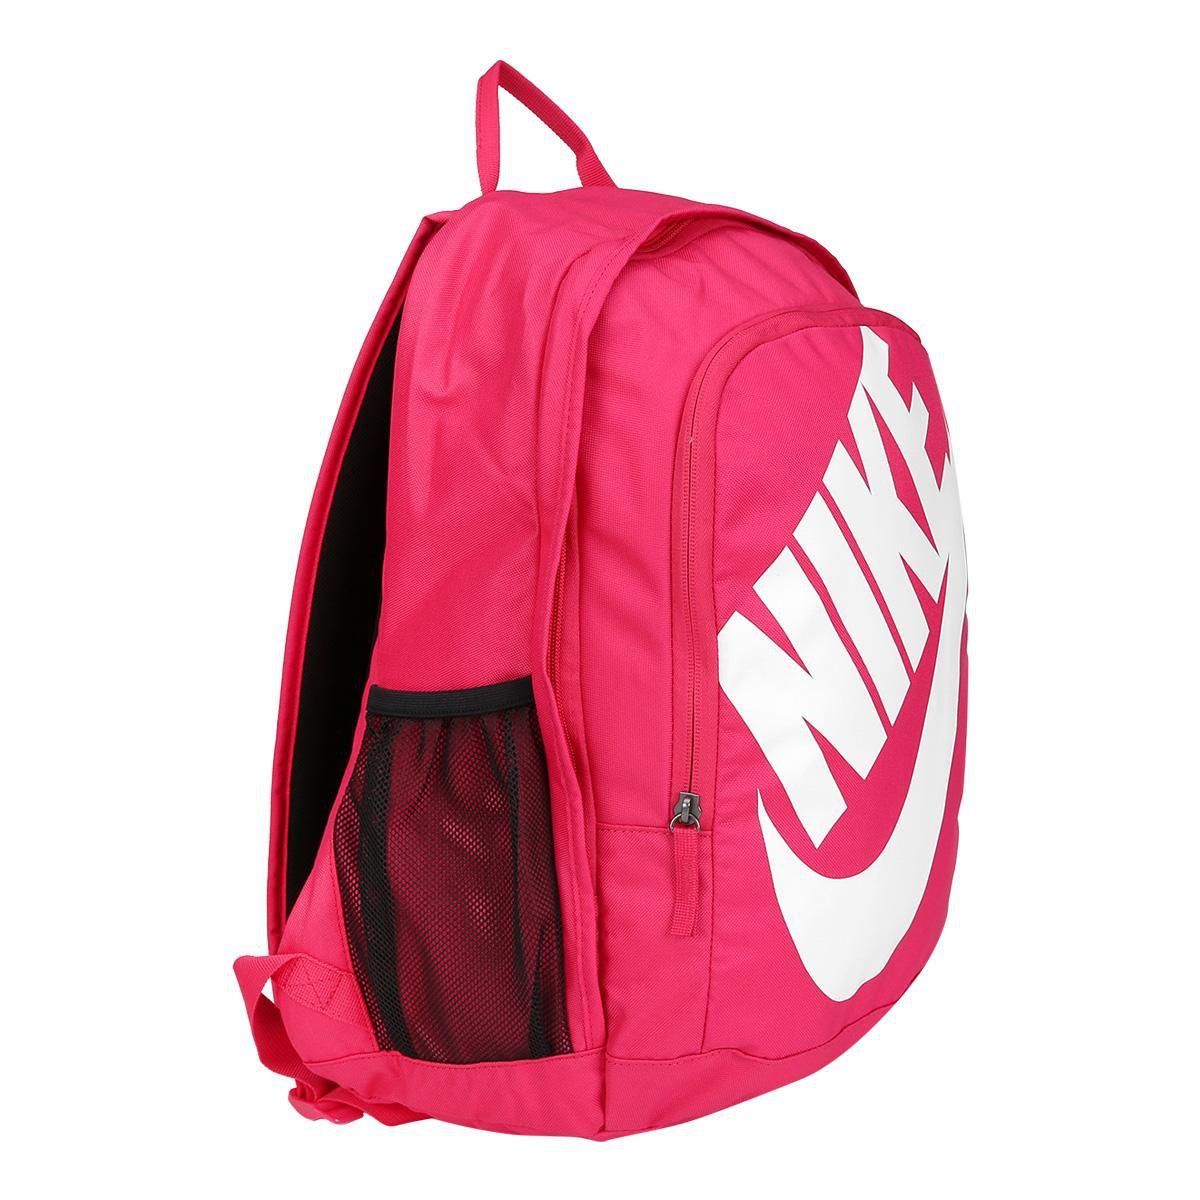 2bf765275 Mochila Nike Hayward Futura 2.0 | Livelo -Sua Vida com Mais Recompensas